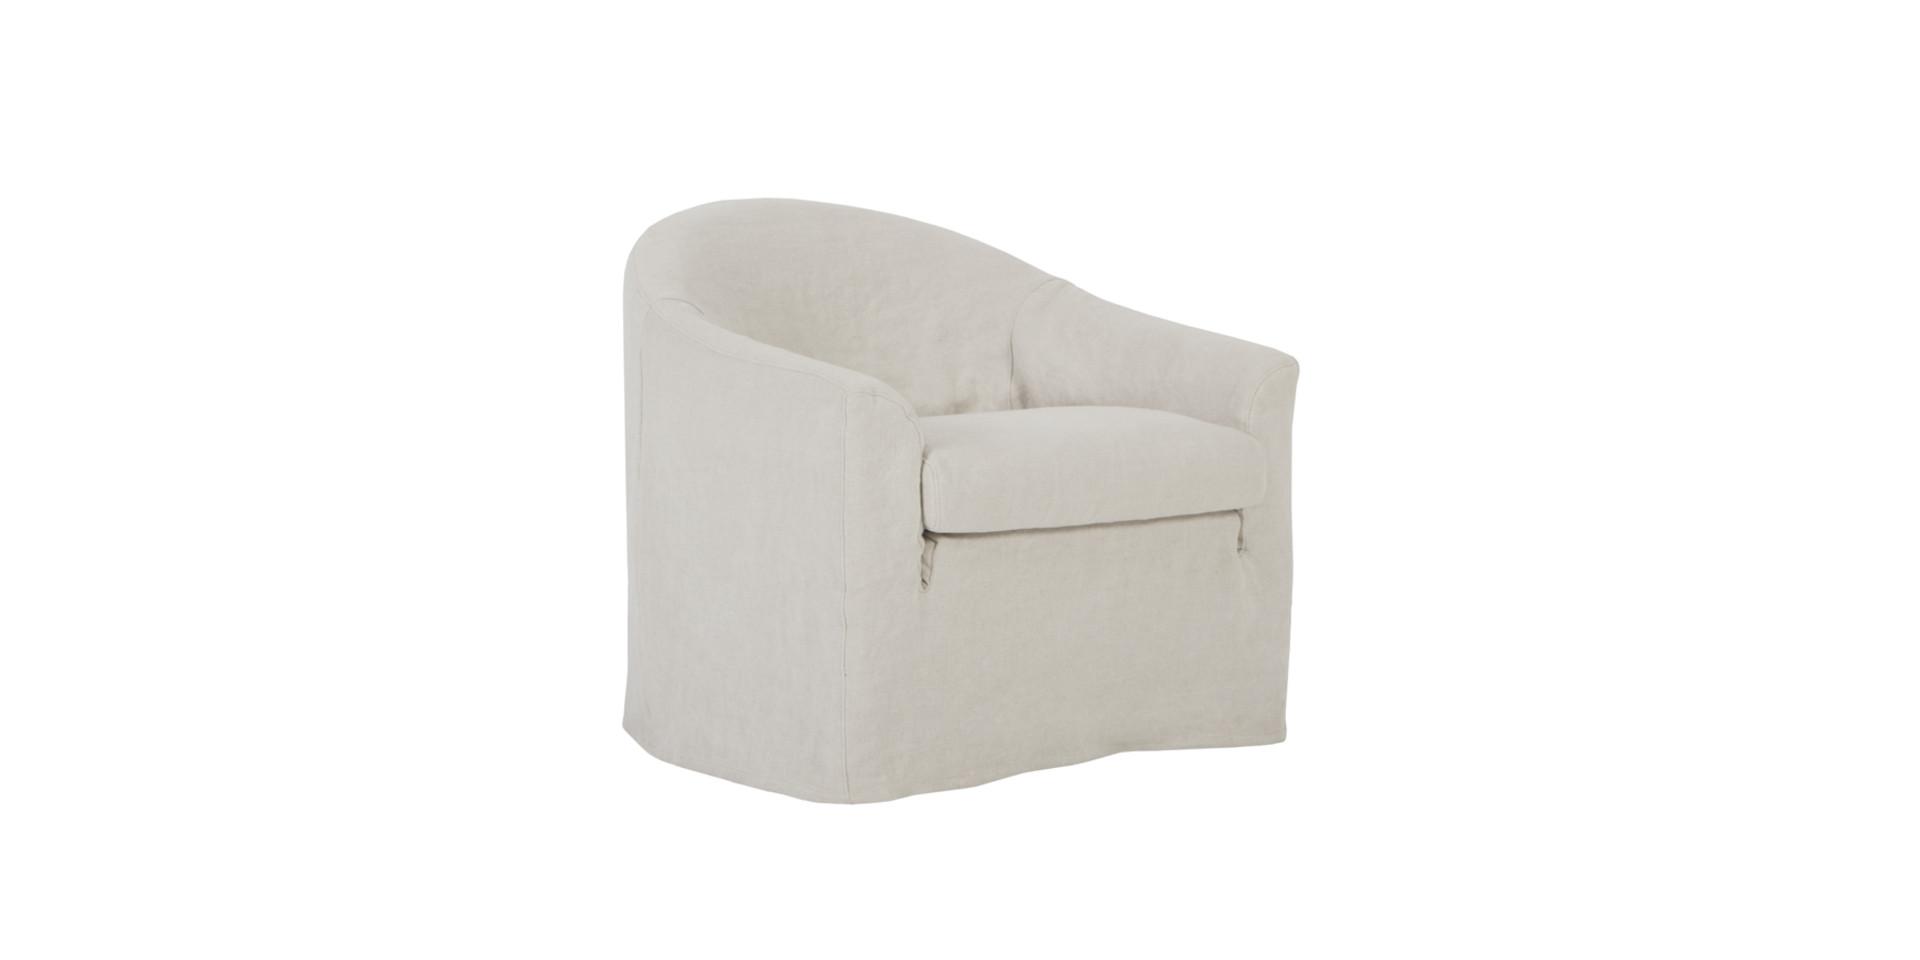 sits-mia-fauteuil-armchair_linenl007_natur_2